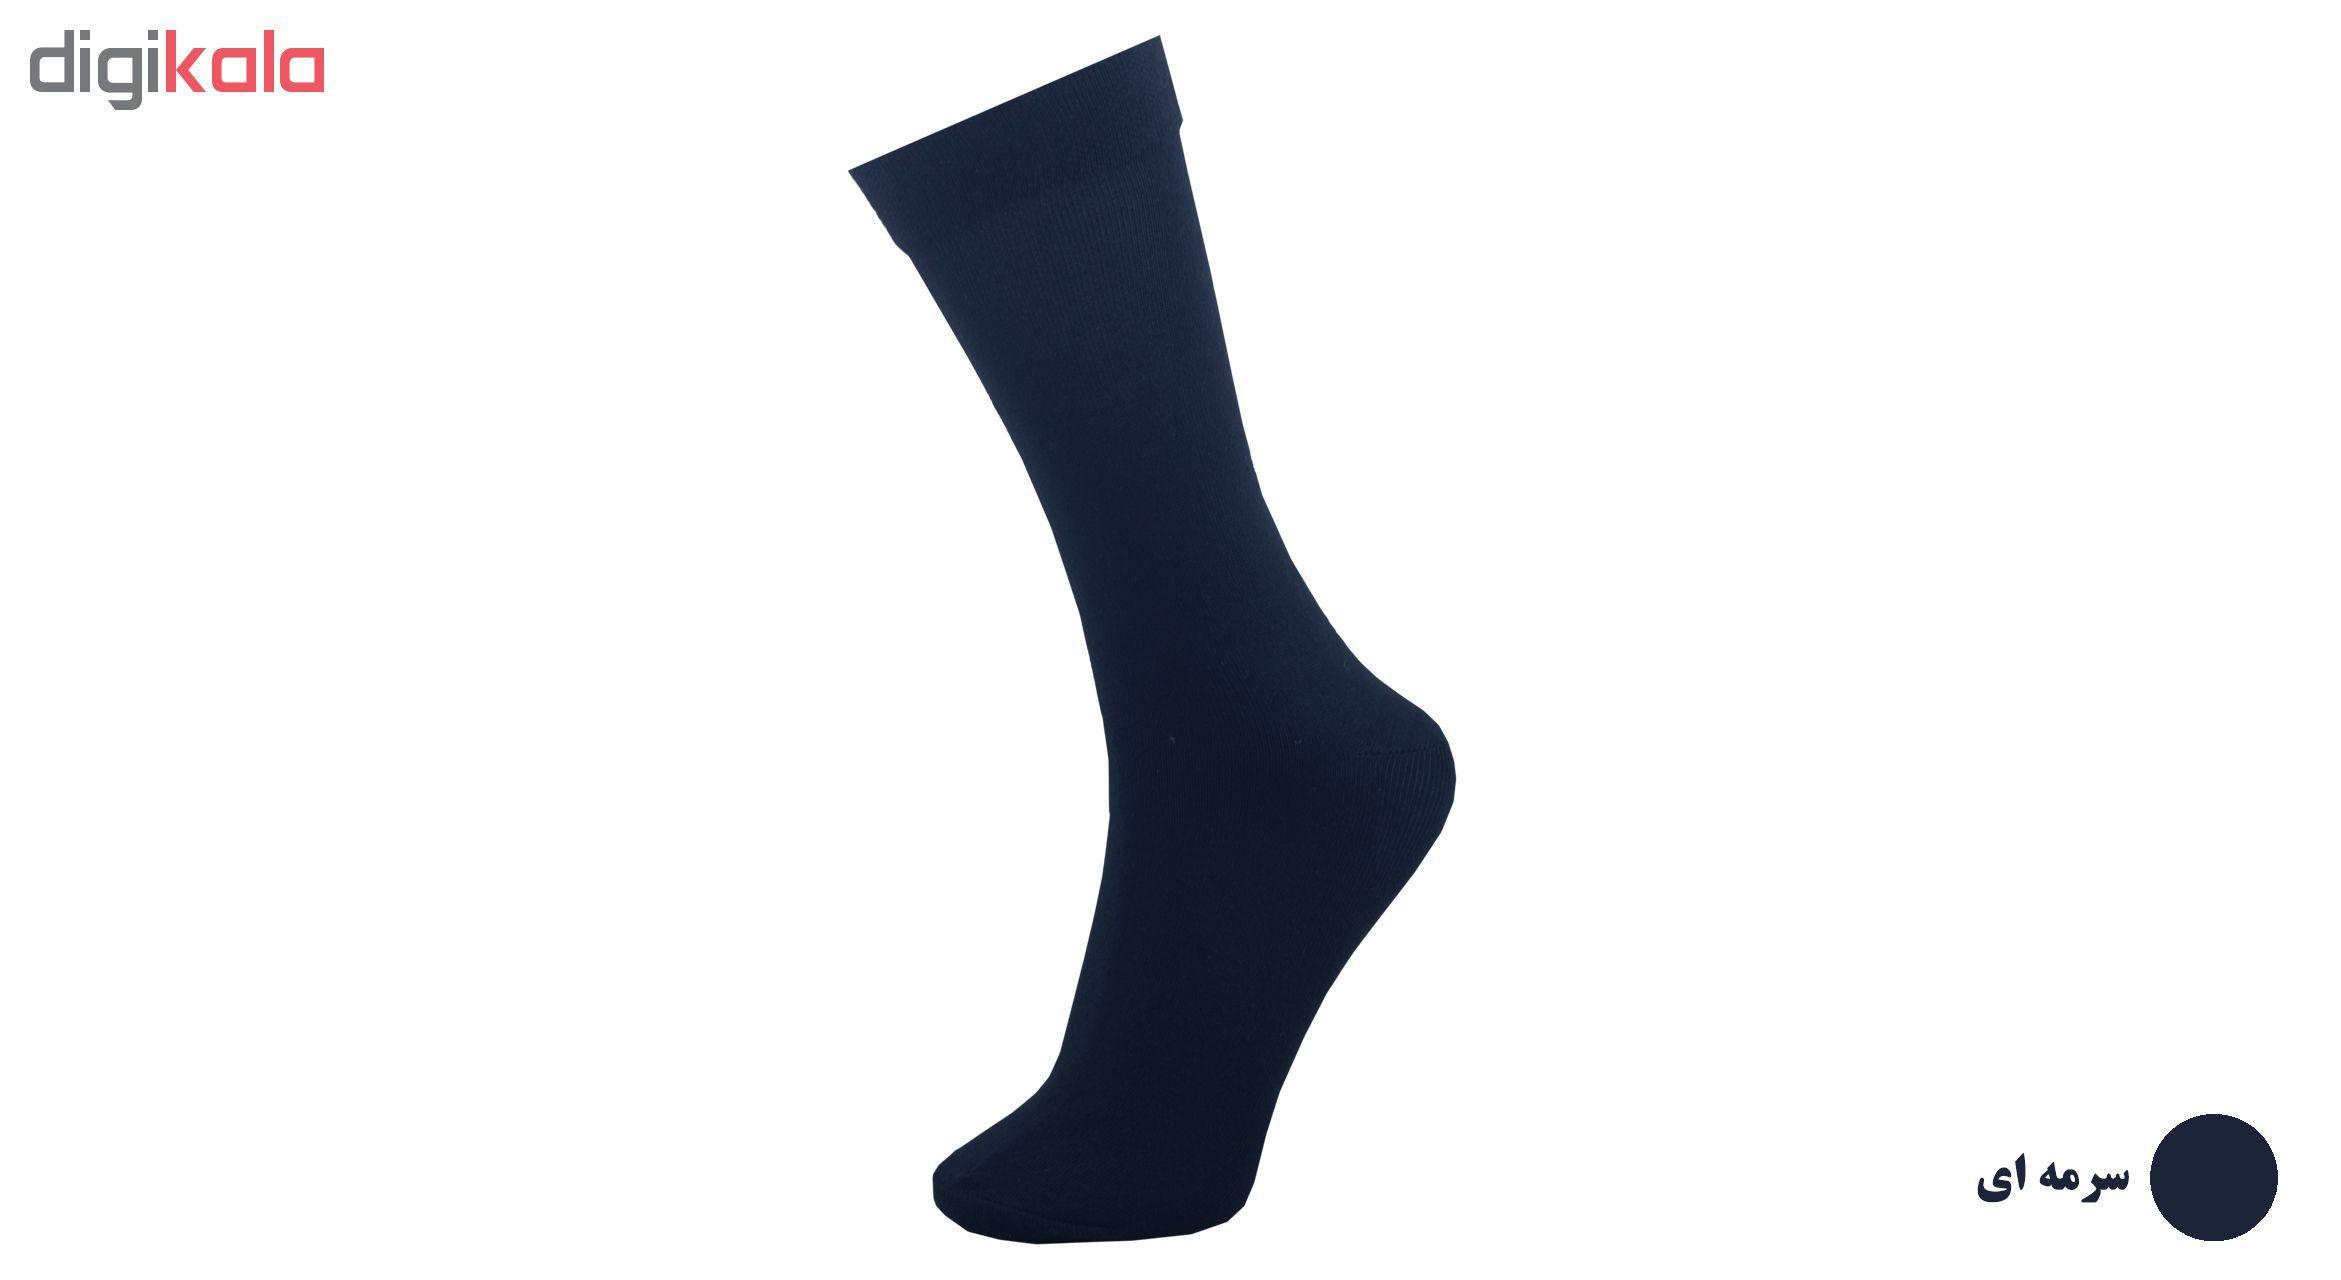 جوراب مردانه فیرو کد FT265 بسته 3 عددی main 1 1